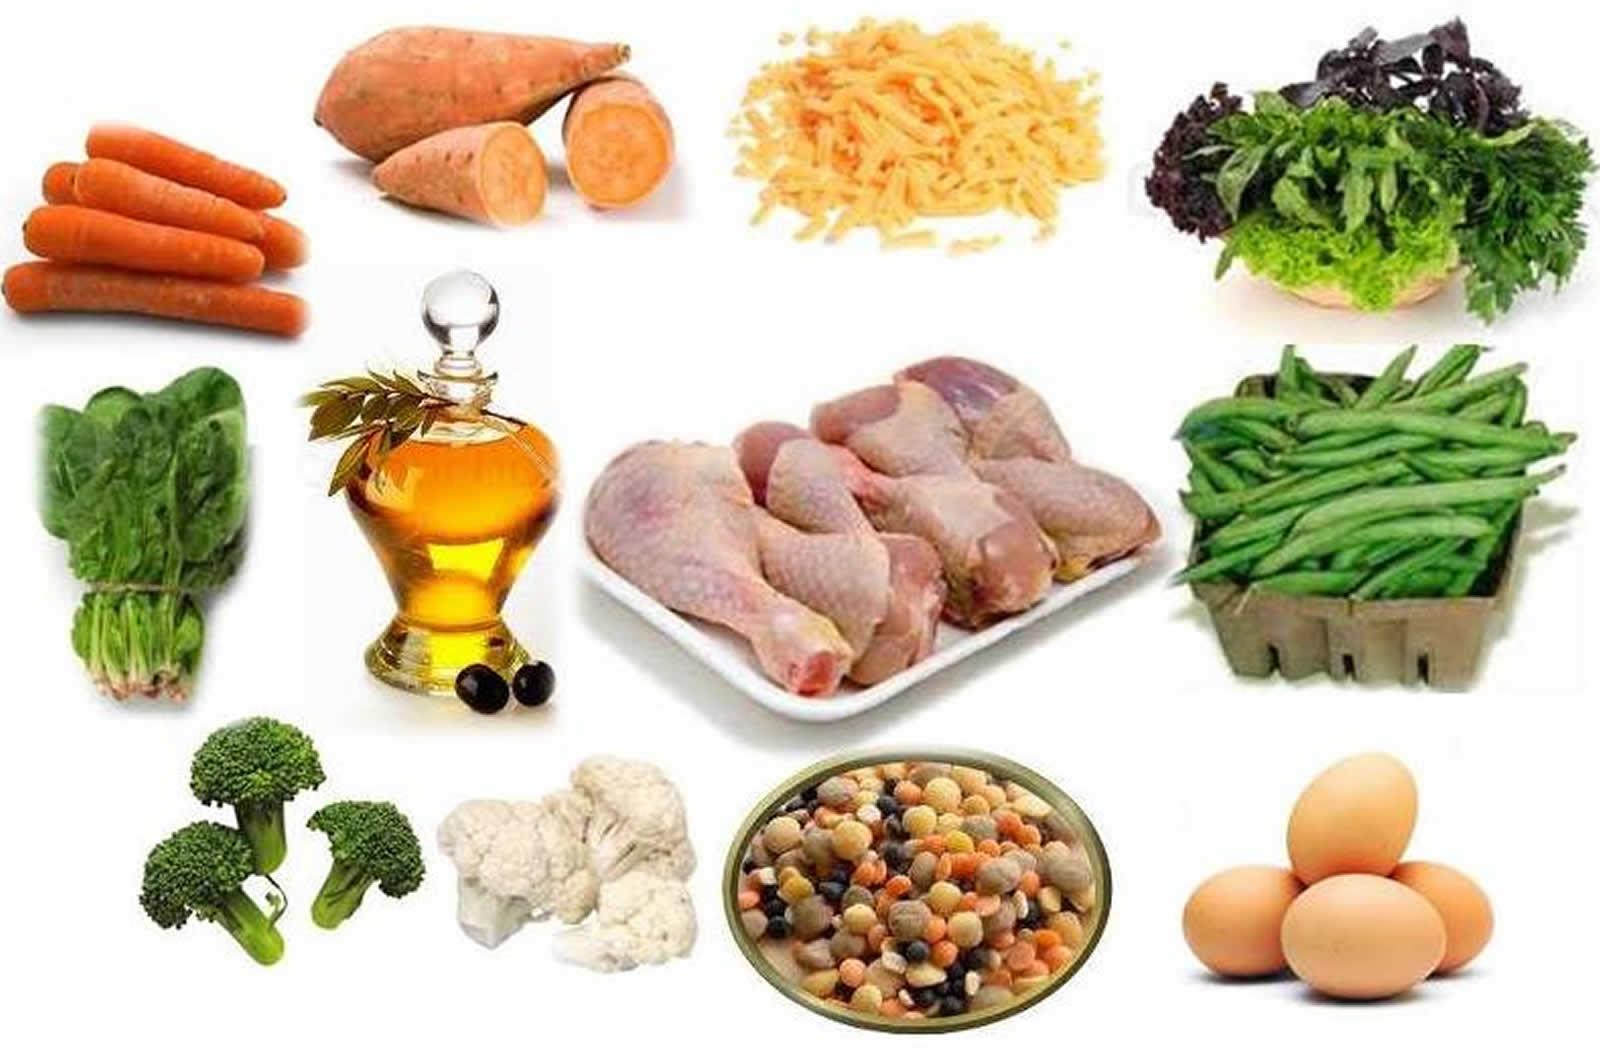 gluten free foods